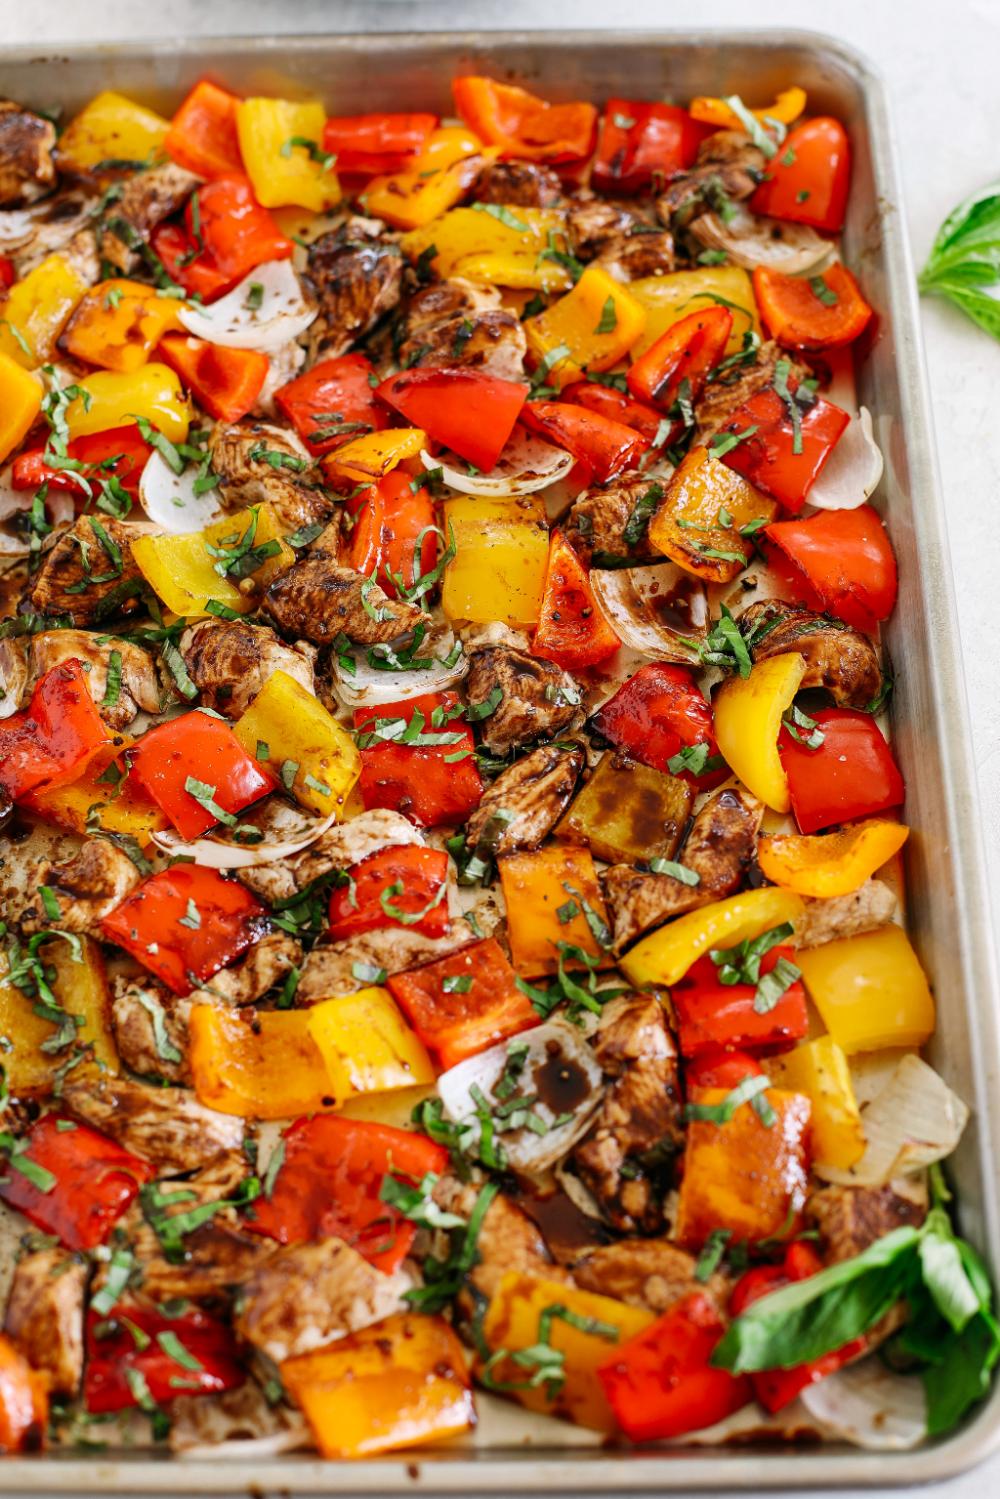 Blech Pfanne Honig Balsamico Huhn und Gemüse – Essen Sie sich dünn  – One Pot Meals   Skillet Meals   Sheet Pan Meals